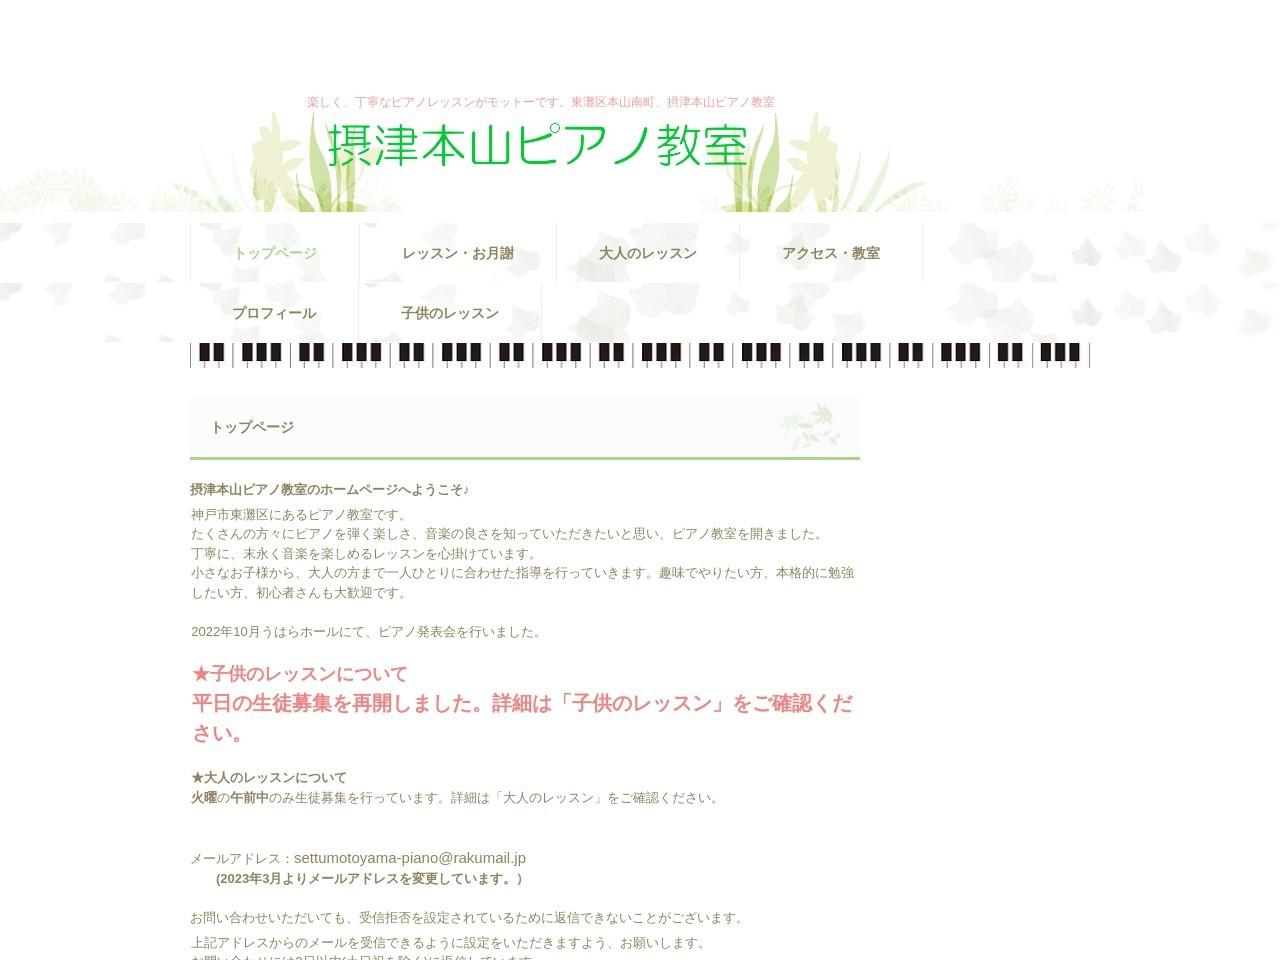 摂津本山ピアノ教室のサムネイル